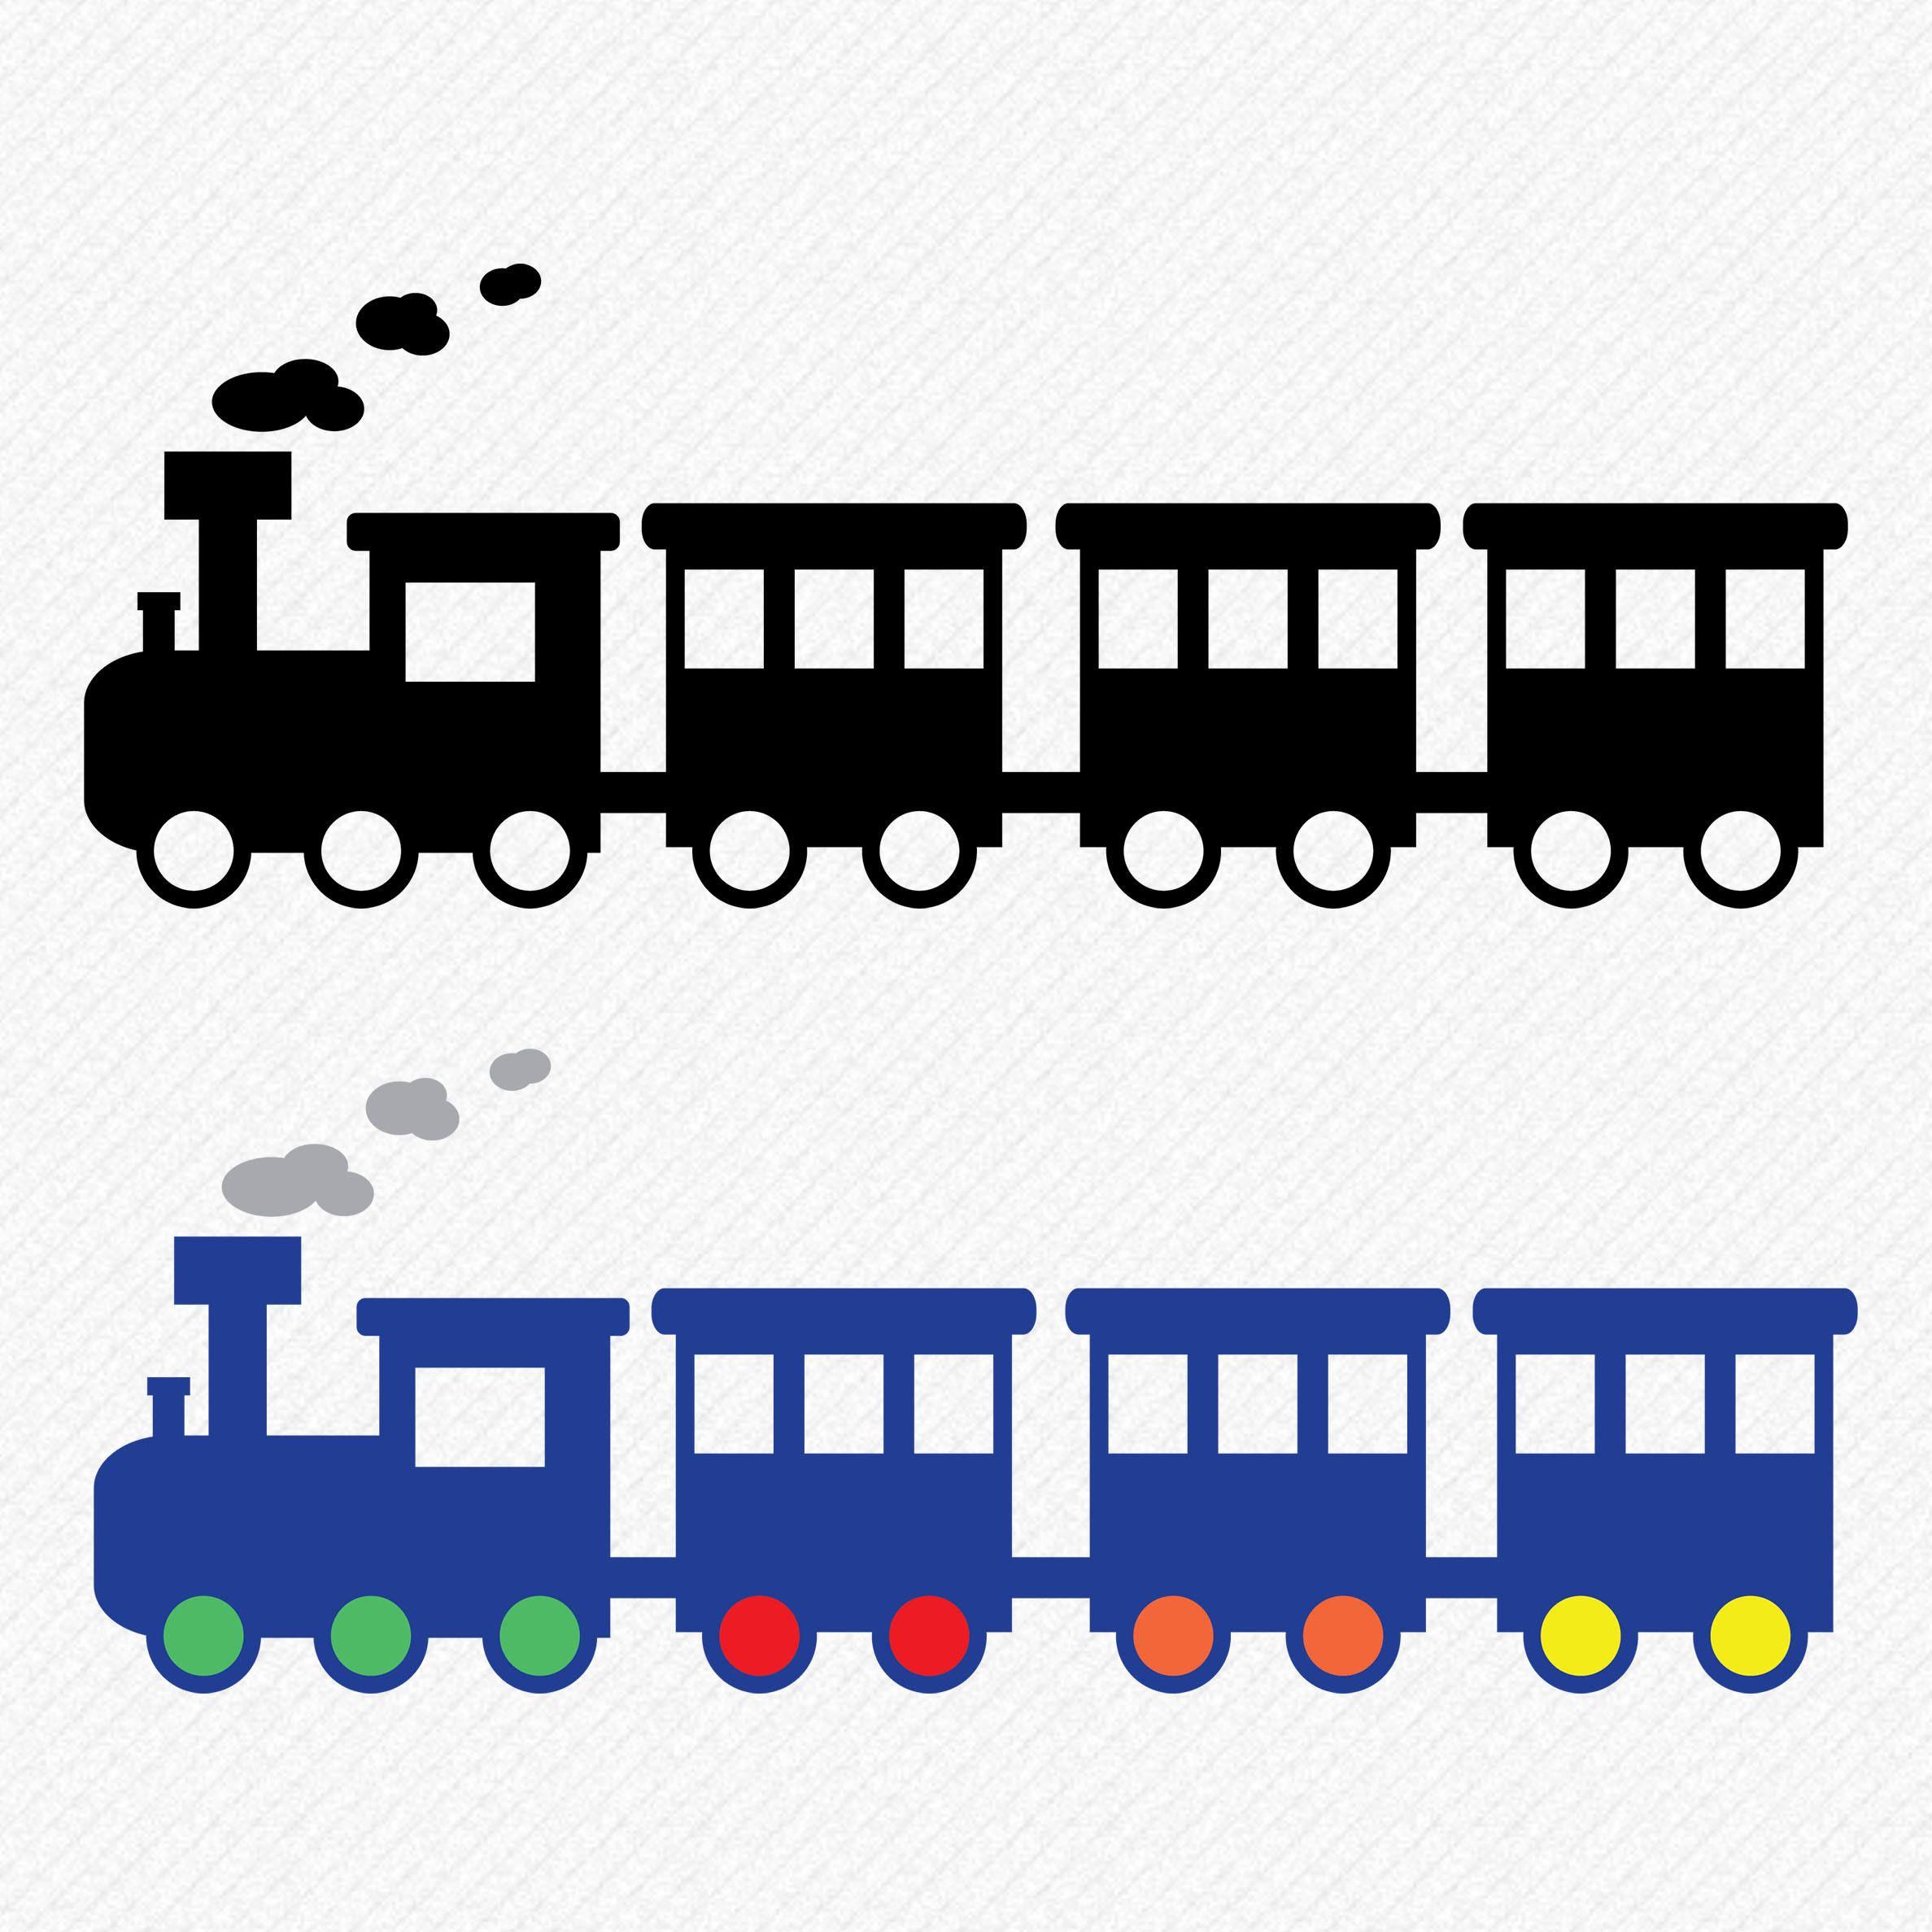 Train Svg Train Clipart Train Silhouette Train Vector Etsy In 2021 Train Clipart Train Silhouette Train Vector